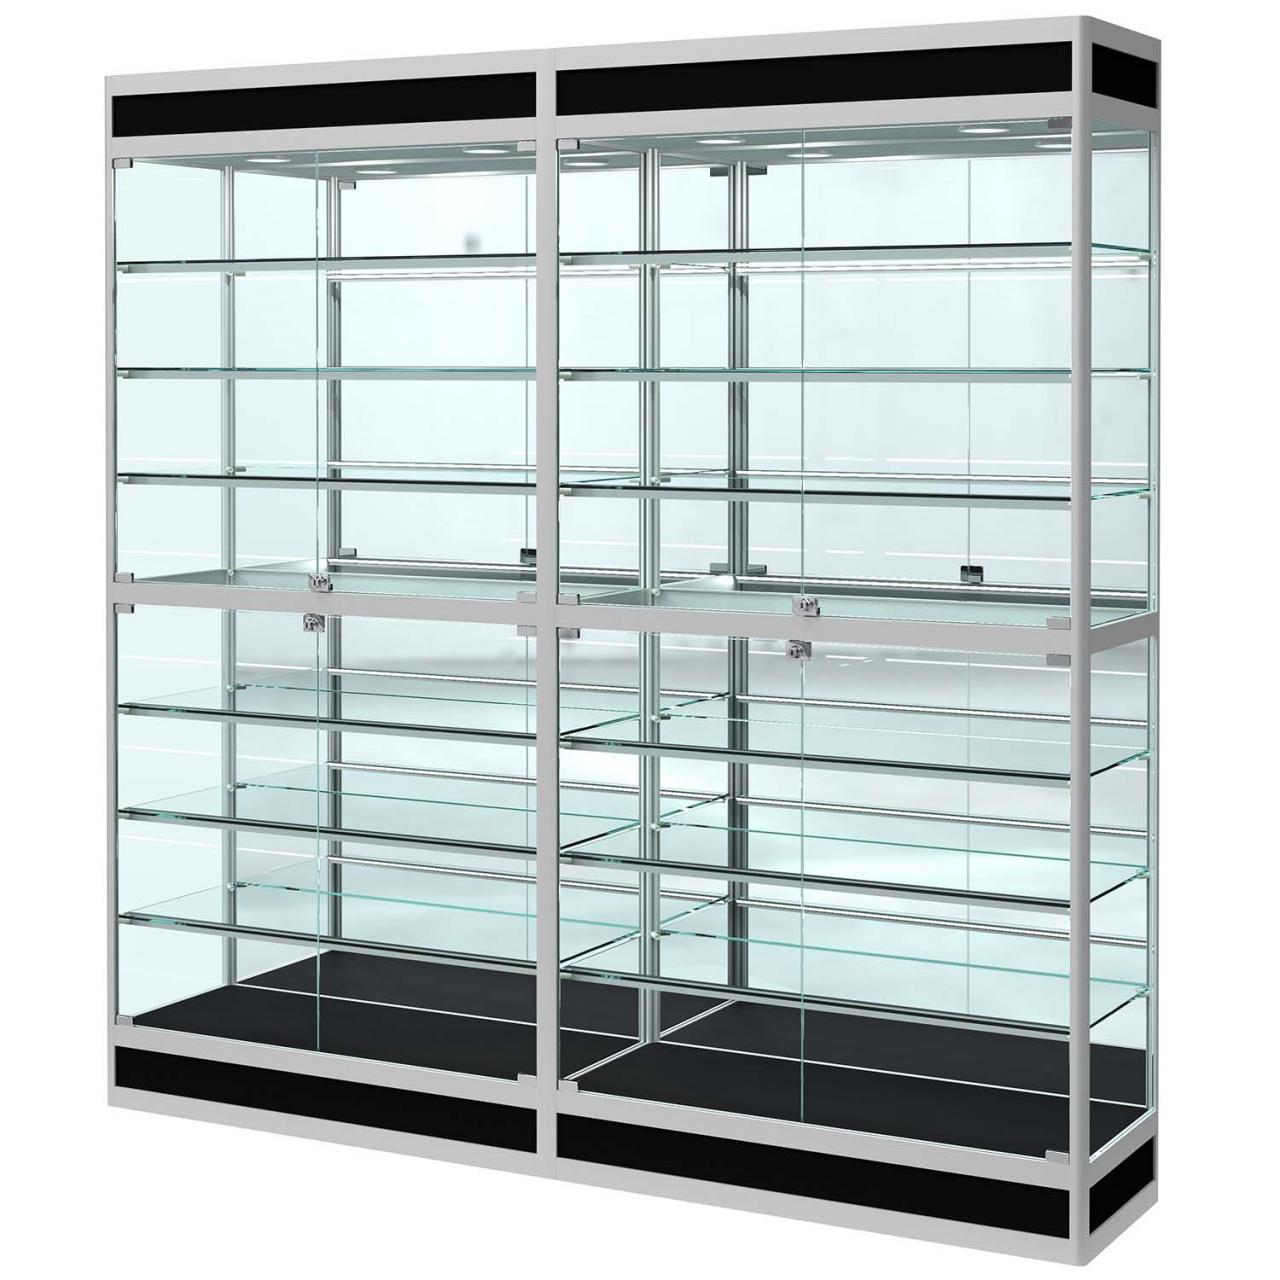 Табачная витрина ВППД-200.40Т